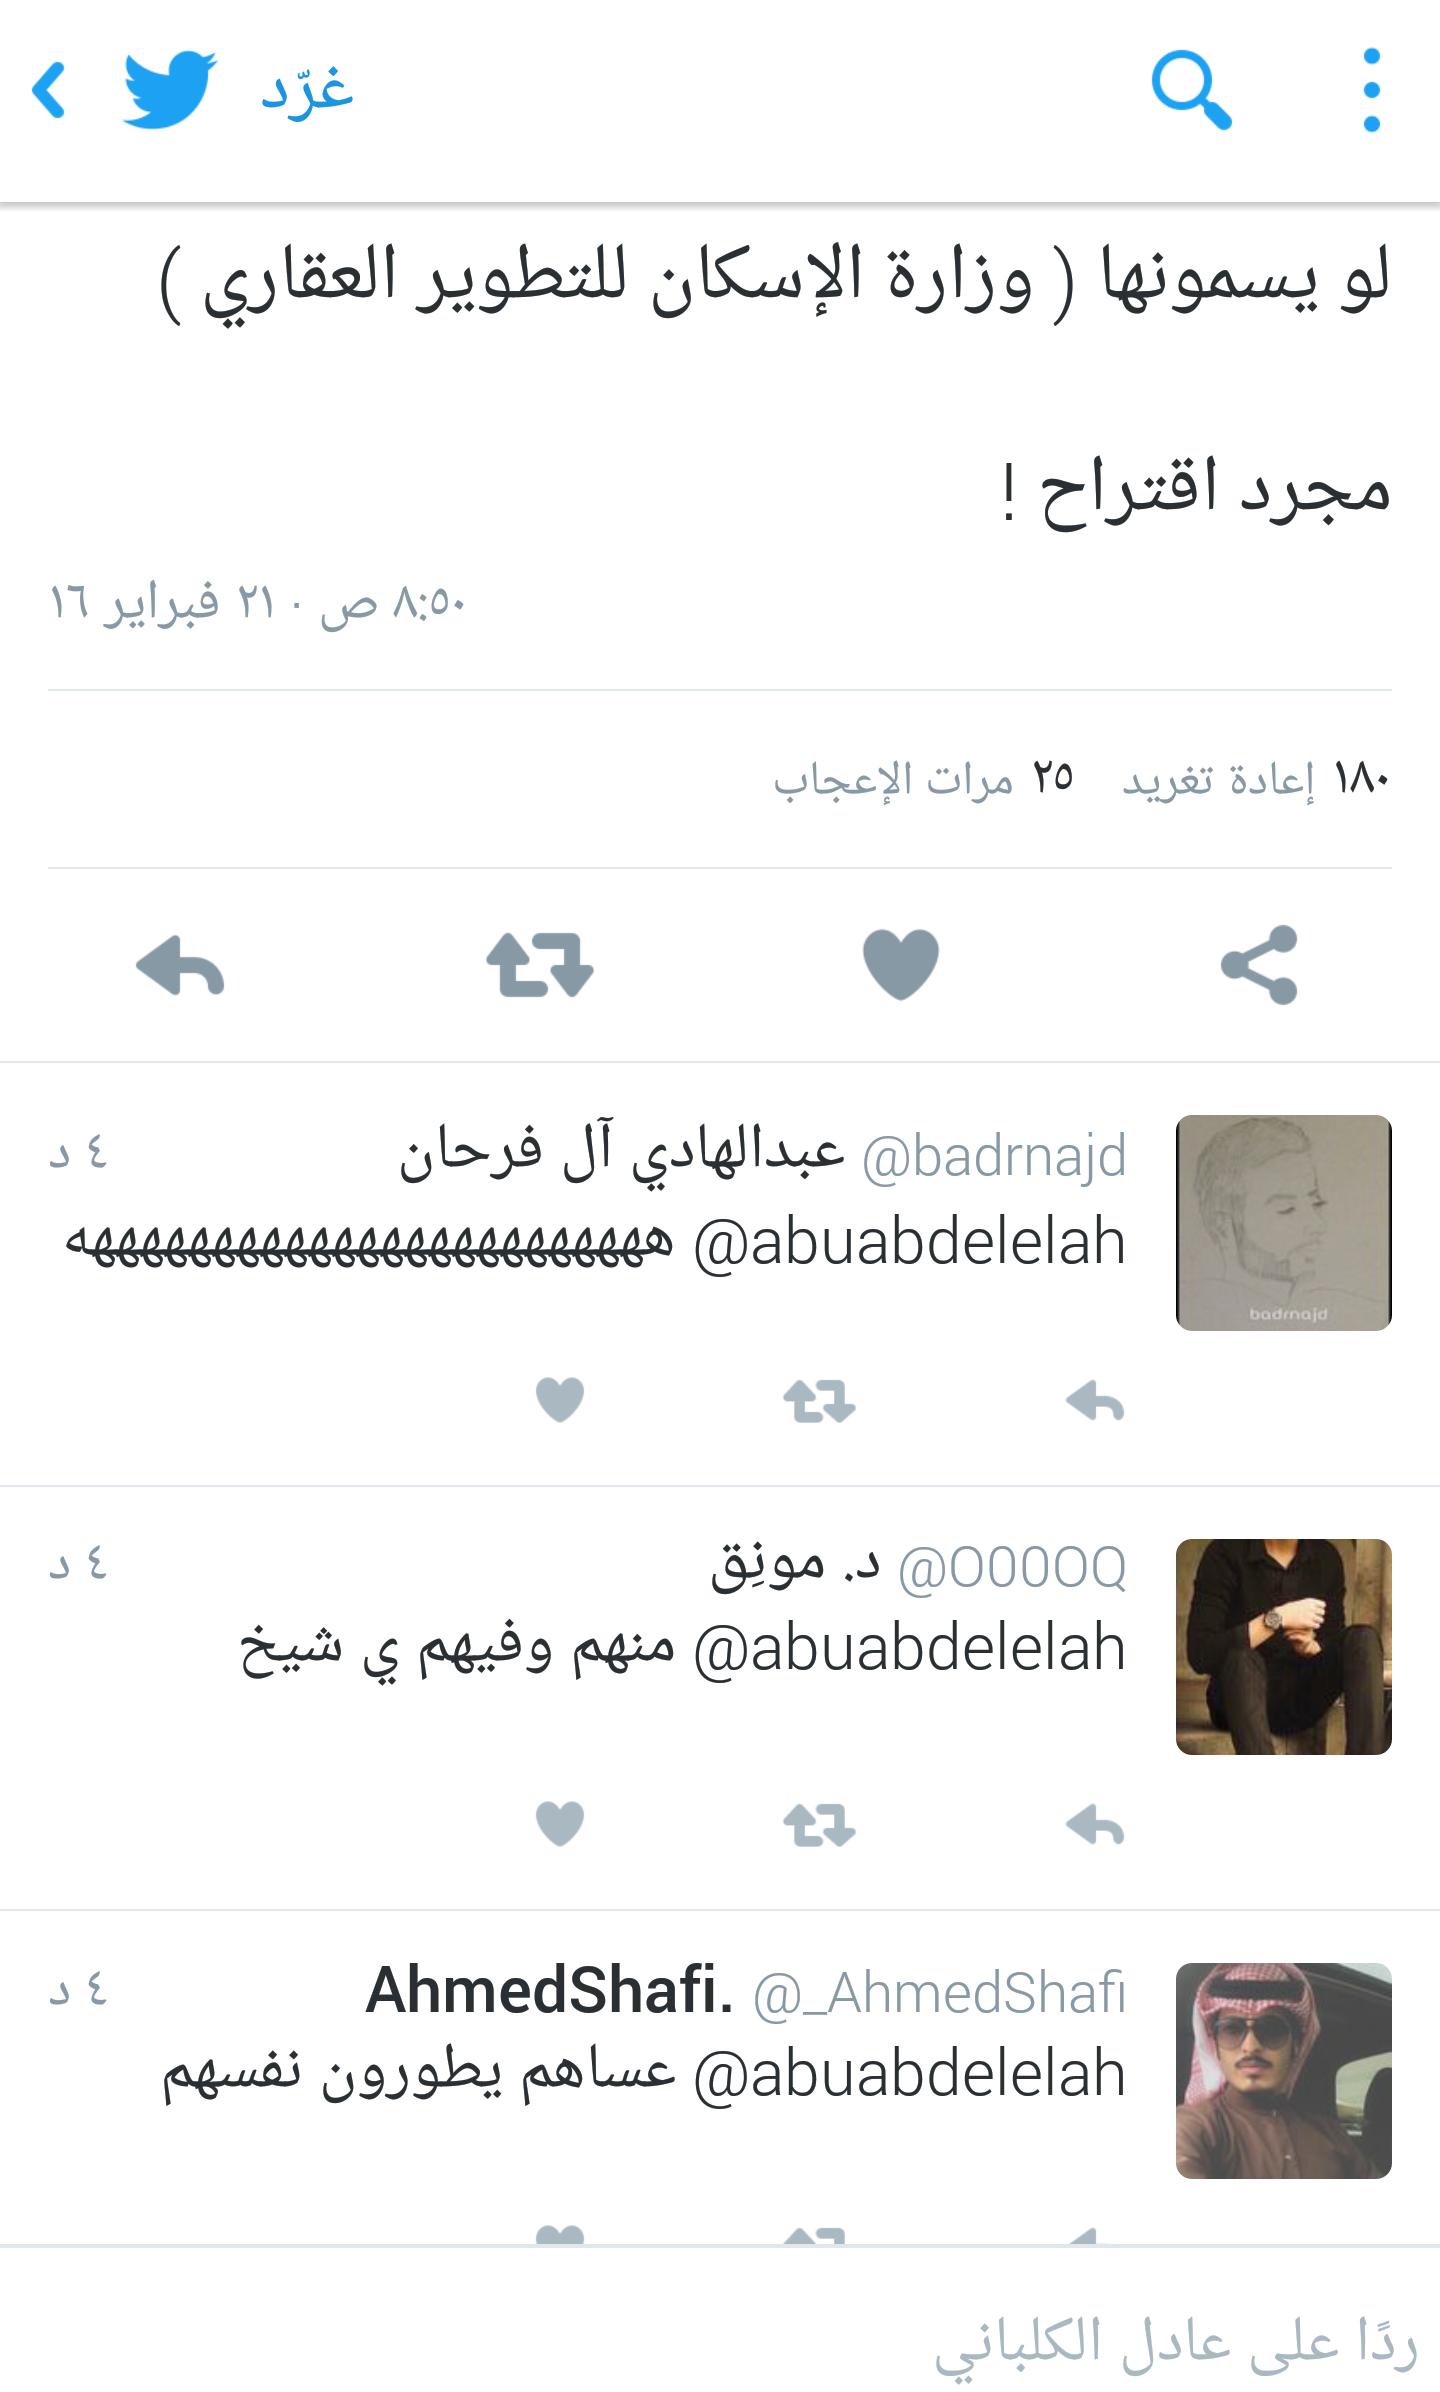 الشيخ الكلباني يقترح بتغيير وزارة الاسكان